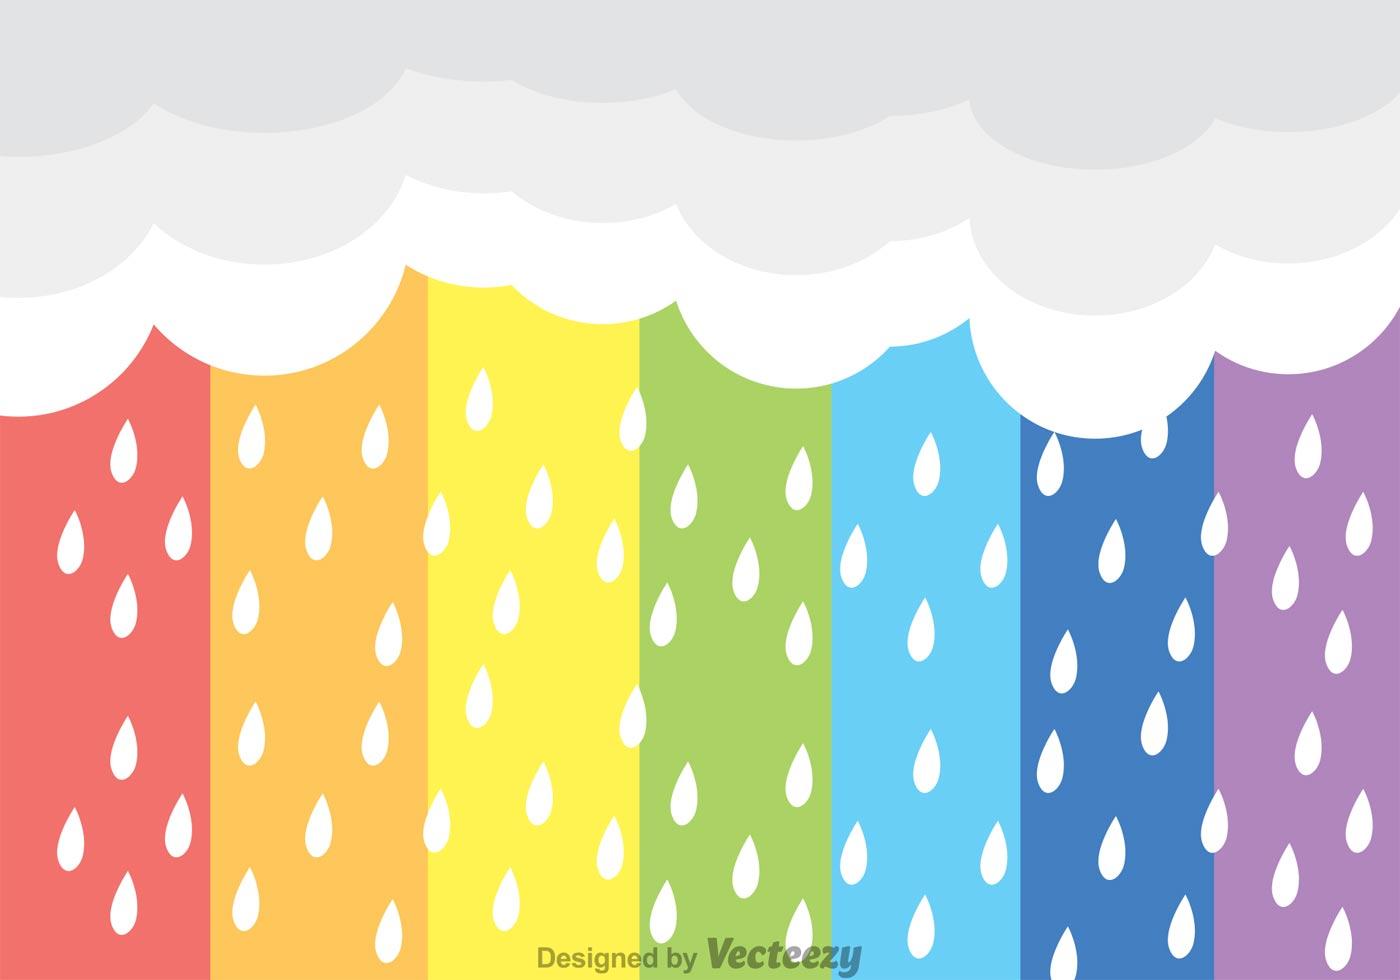 Rainbow Rain Vector - Download Free Vector Art, Stock ...